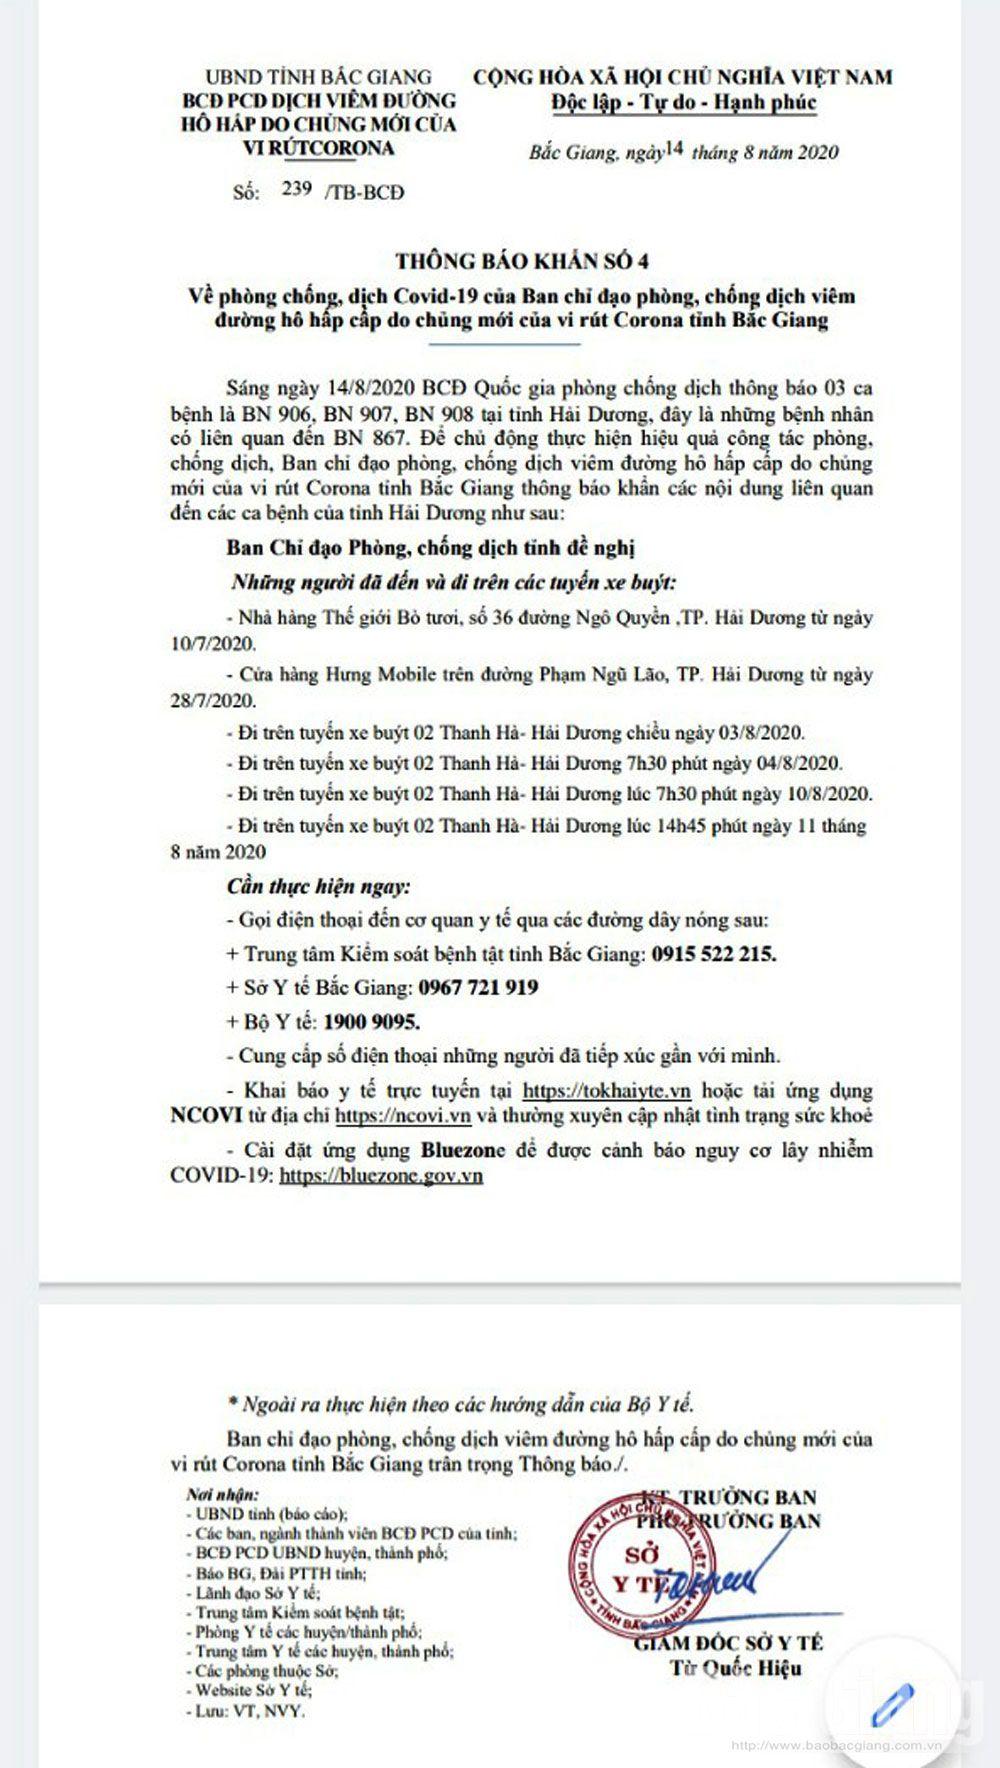 Thông báo khẩn số 4 của BCĐ phòng, chống dịch Covid-19 tỉnh Bắc Giang.